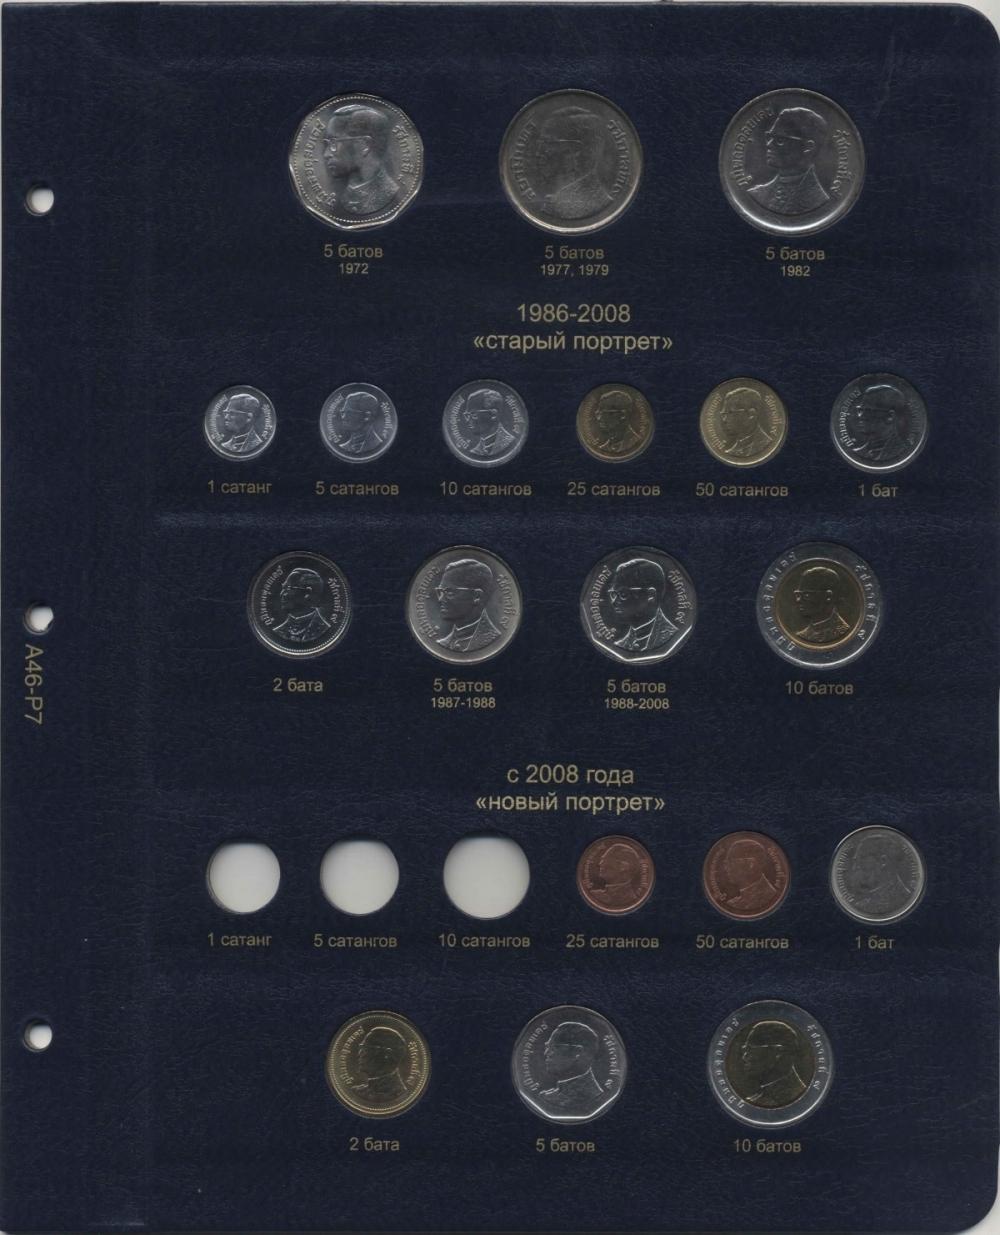 Комплект листов для регулярных монет Таиланда с 1950 г. - 2